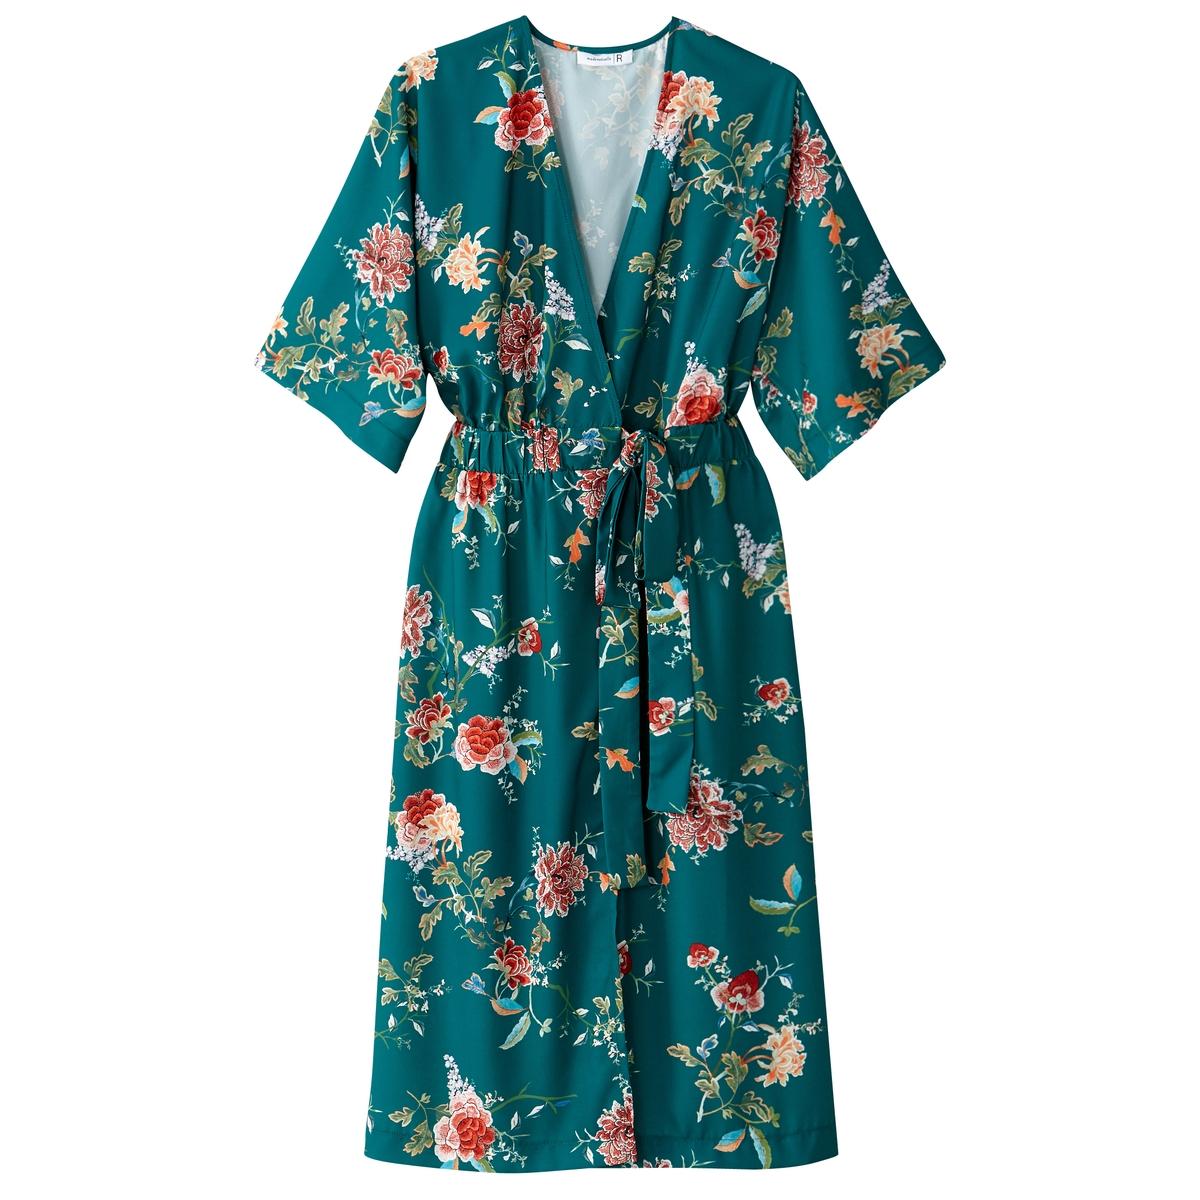 Платье-кимоно с цветочным рисункомДетали •  Форма : с запахом  •  Длина миди, 3/4 •  Короткие рукава    •   V-образный вырез •  Рисунок-принтСостав и уход •  100% вискоза •  Температура стирки 30° на деликатном режиме   •  Сухая чистка и отбеливание запрещены •  Не использовать барабанную сушку •  Низкая температура глажки<br><br>Цвет: рисунок/зеленый фон<br>Размер: 36 (FR) - 42 (RUS).38 (FR) - 44 (RUS).44 (FR) - 50 (RUS).34 (FR) - 40 (RUS)